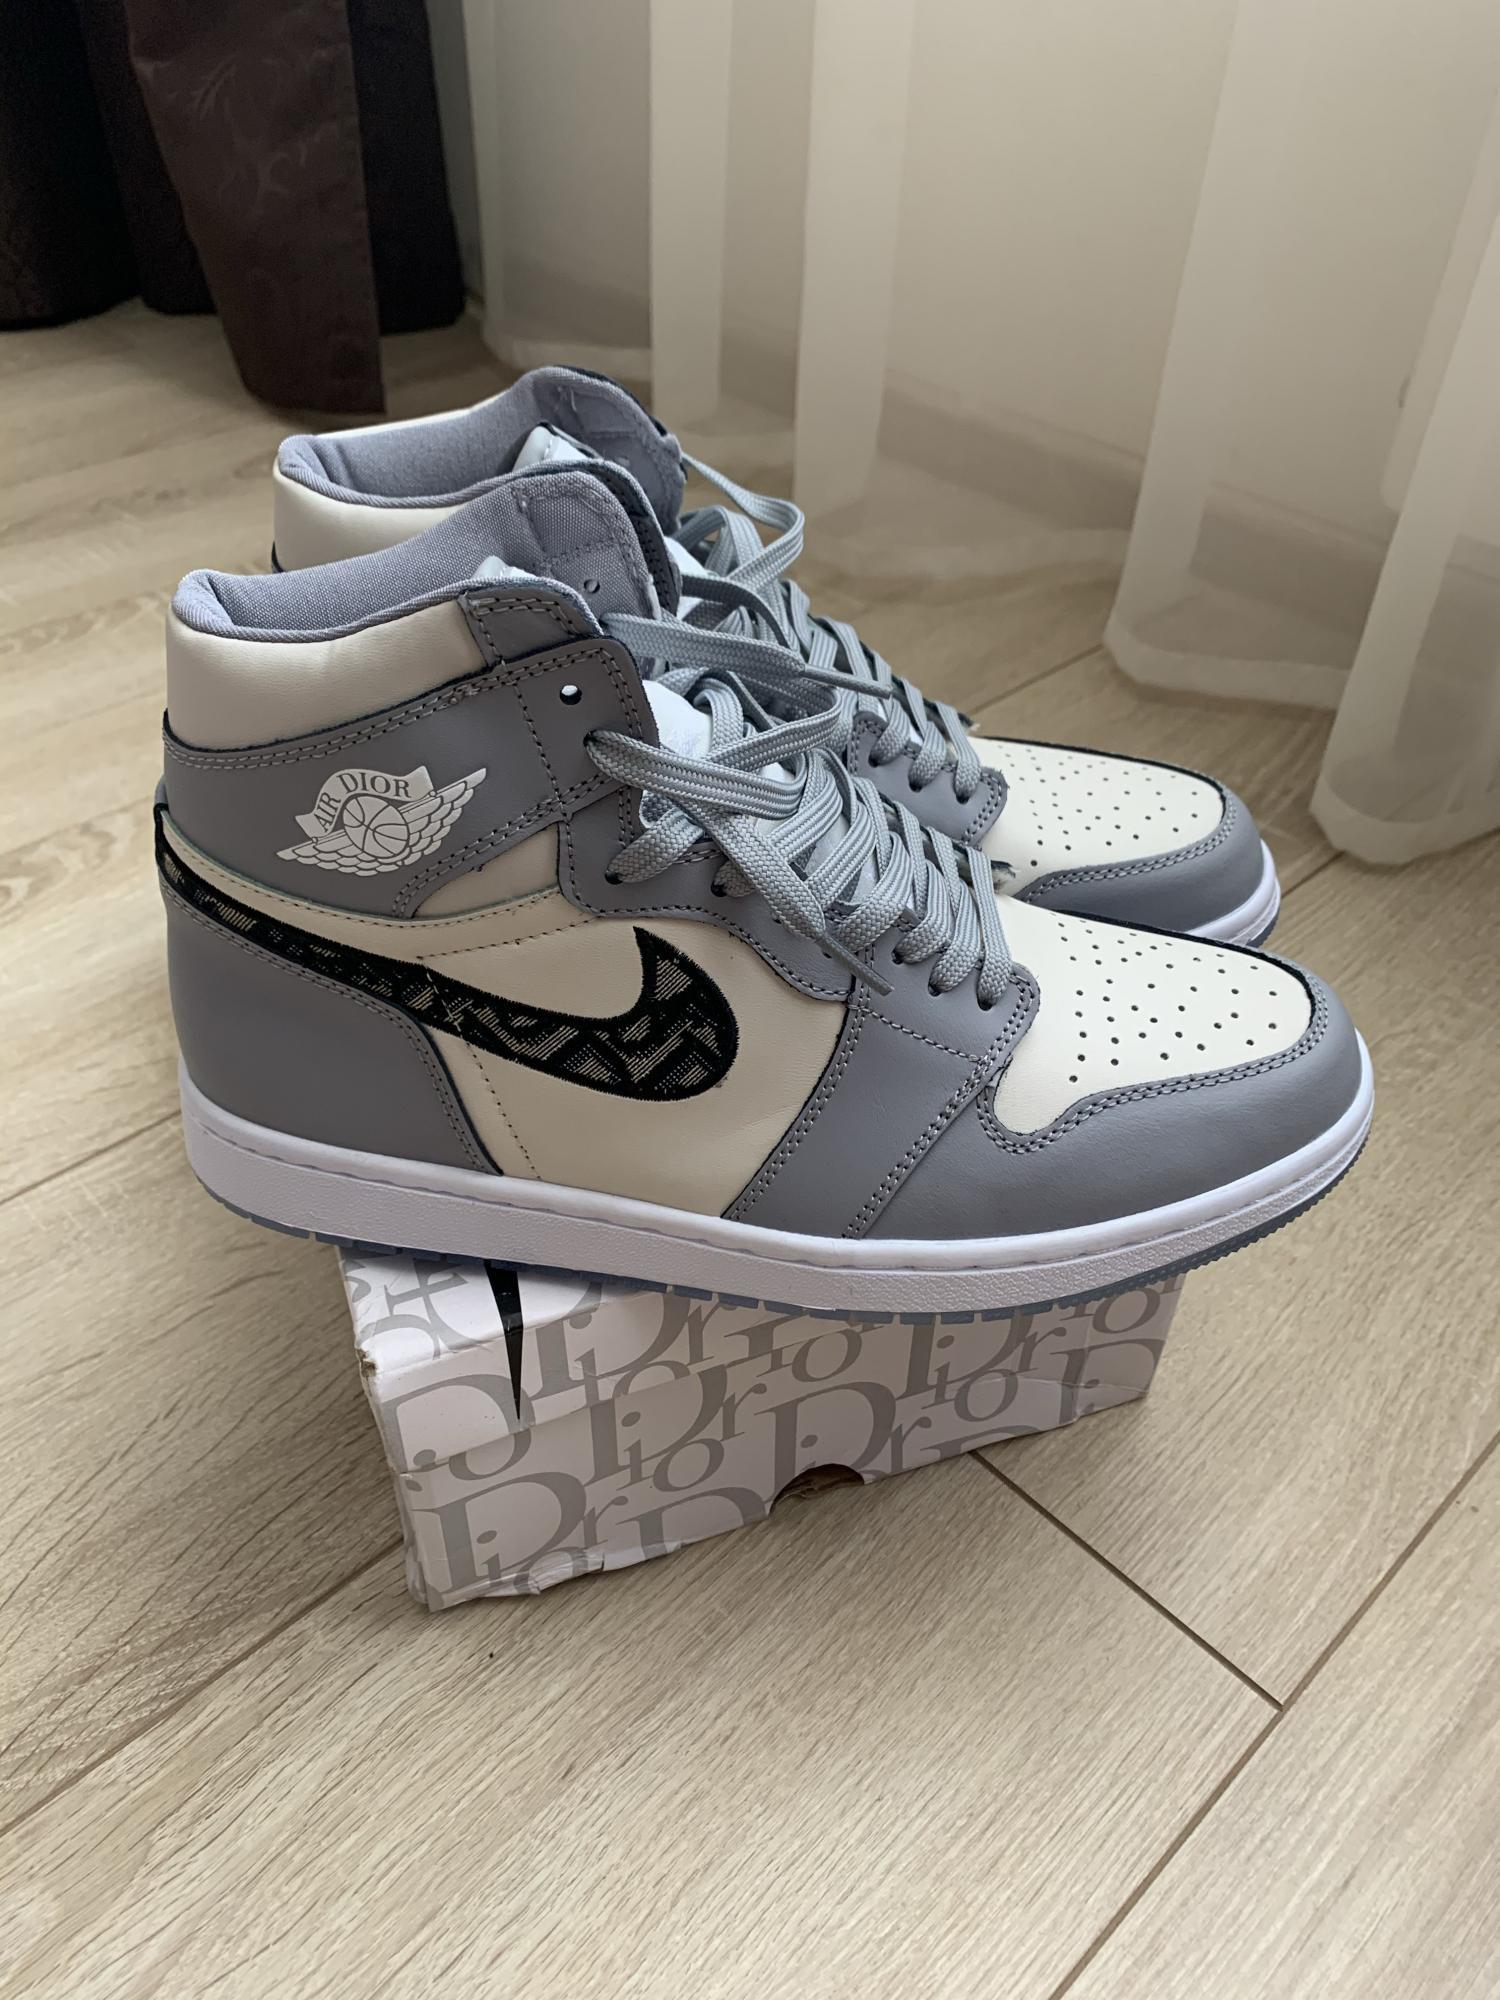 Новые кроссовки в Пензе 89022034577 купить 2